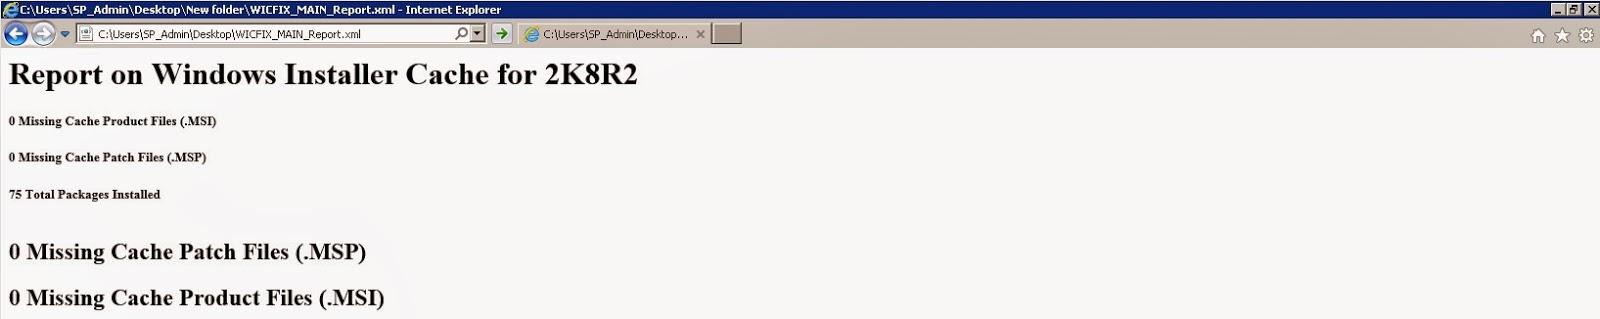 No Windows Installer Cache Issue